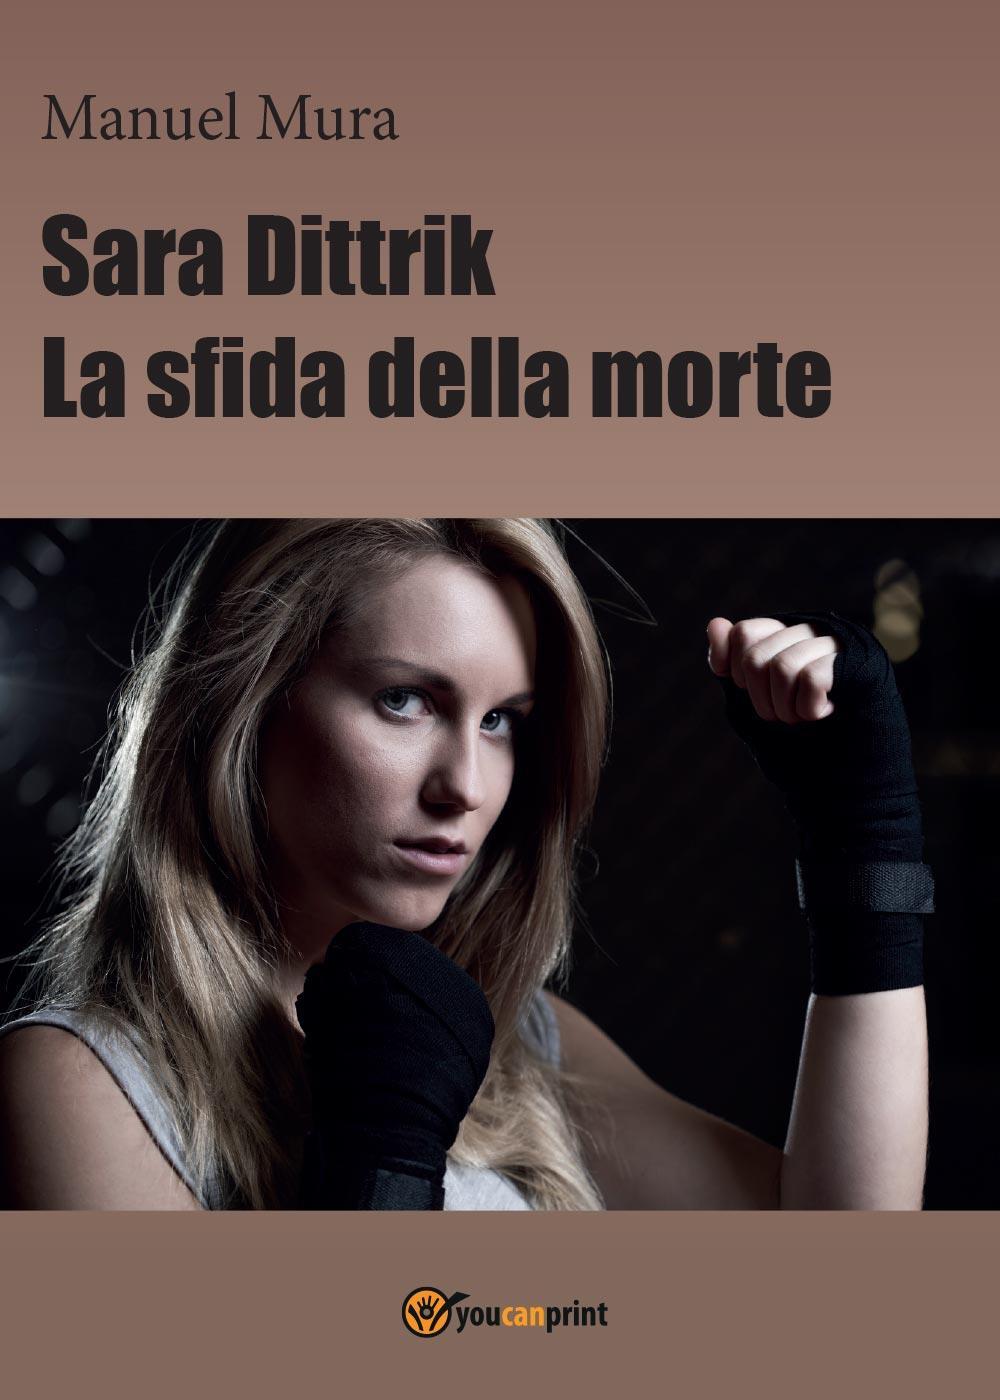 Sara Dittrik - La sfida della morte